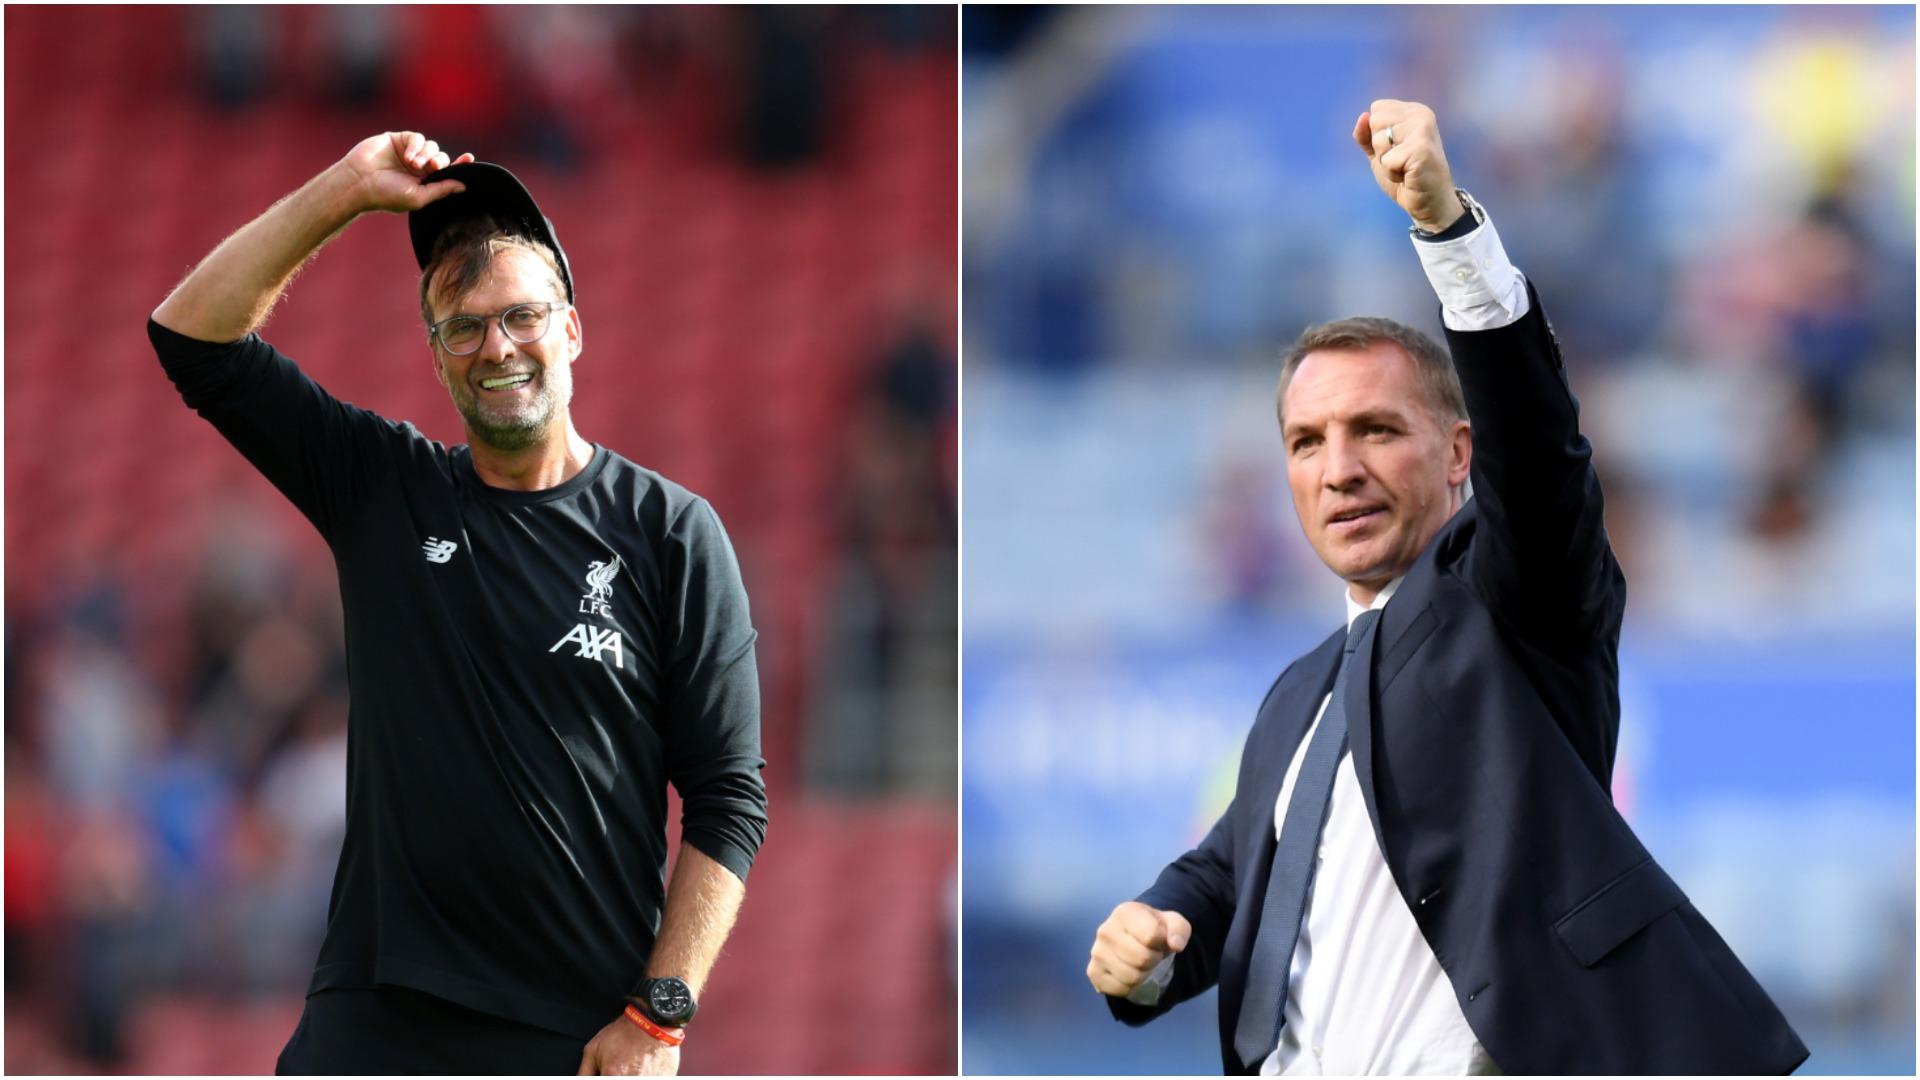 Big Match Focus: Liverpool v Leicester City